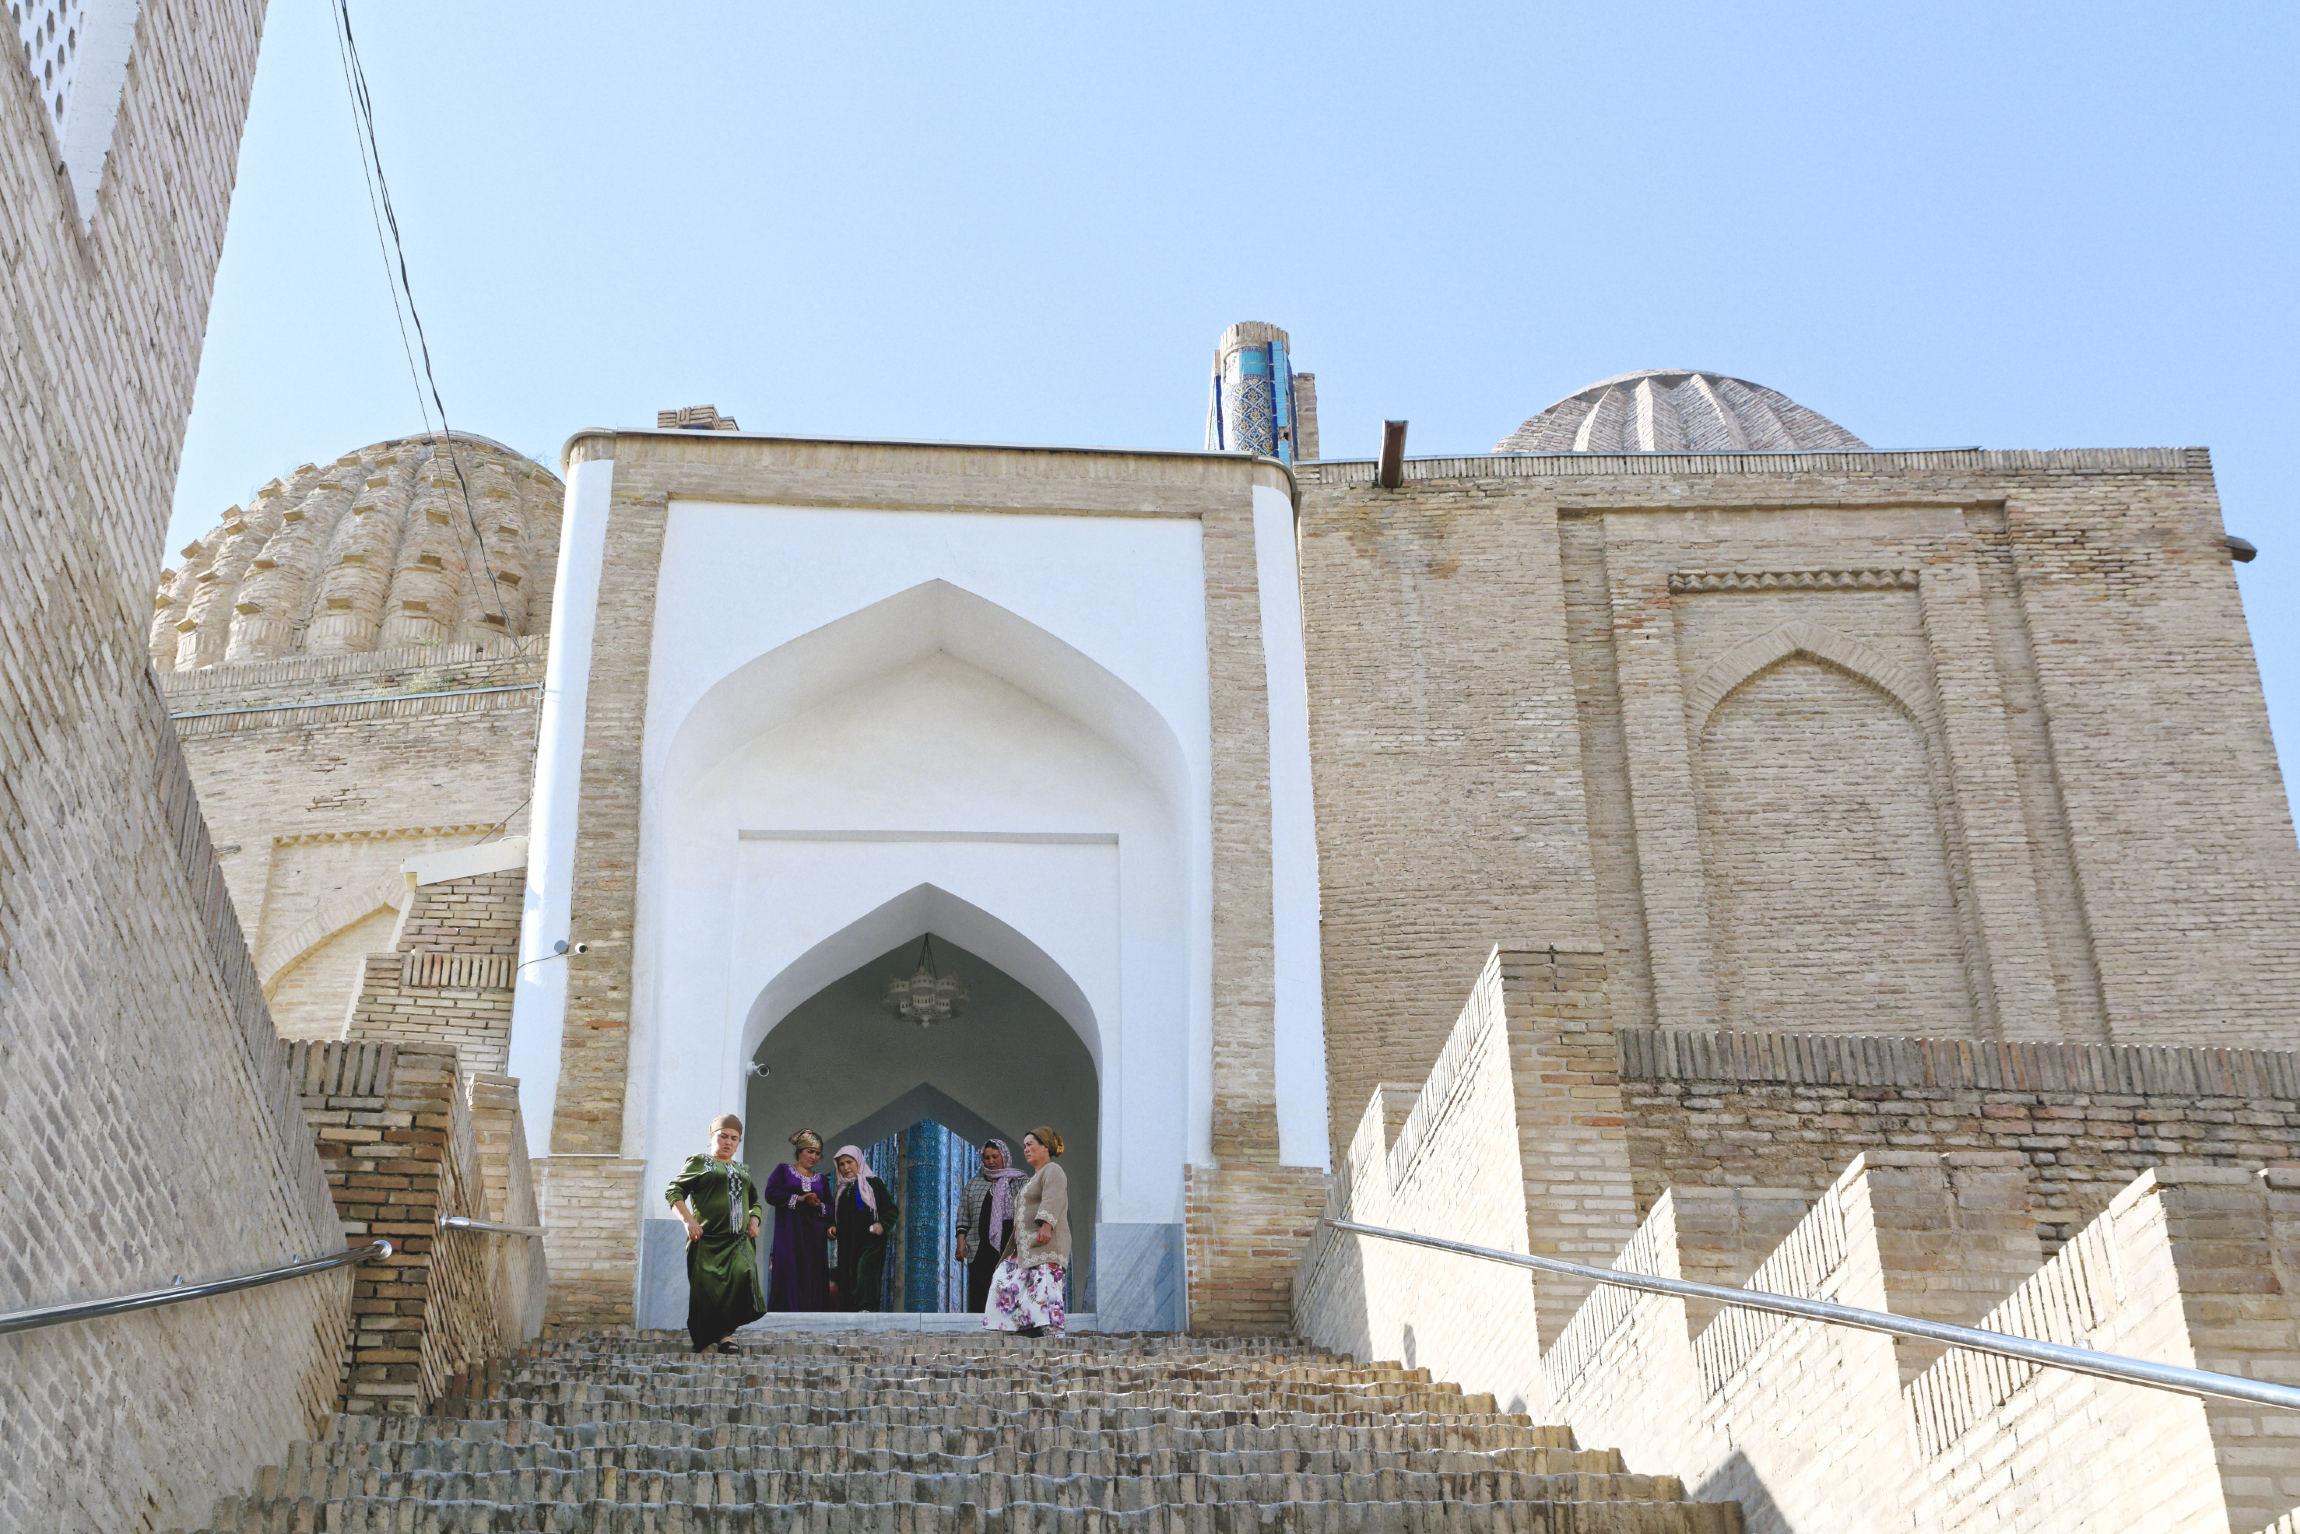 Shah i Zinda Samarcande